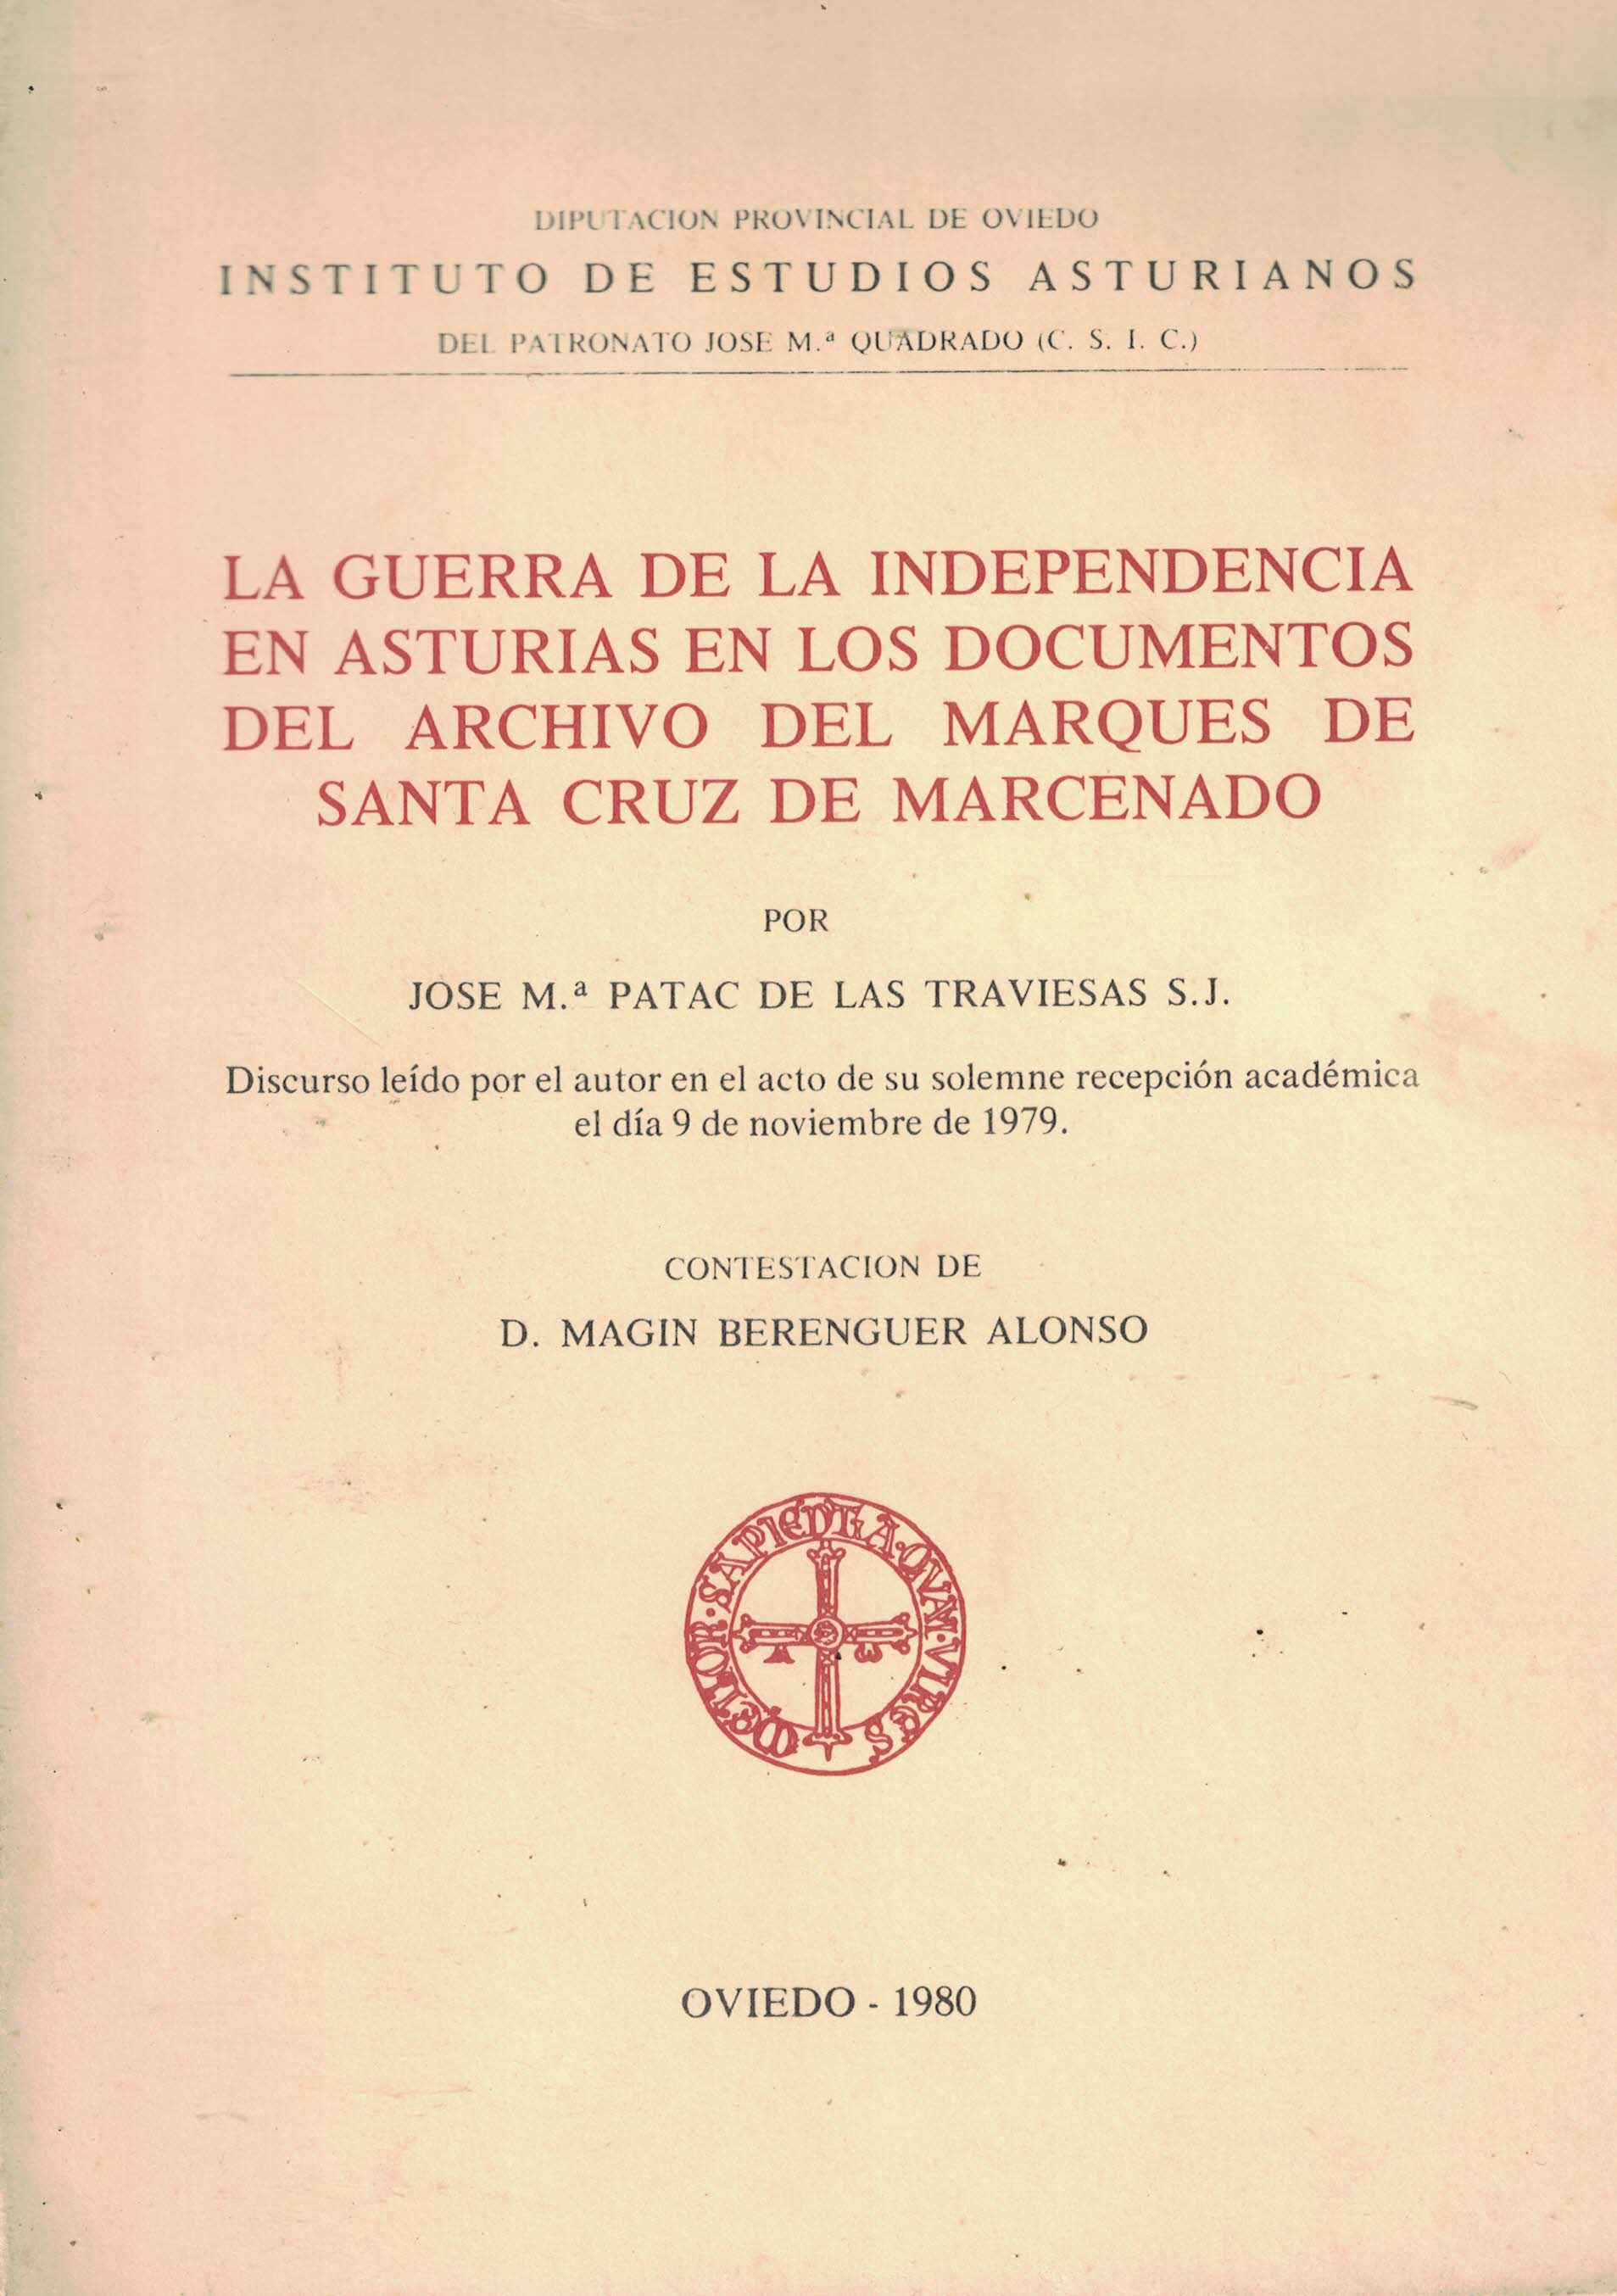 La Guerra de Independencia en Asturias en los documentos del archivo del Marqués de Santa Cruz de Marcenado